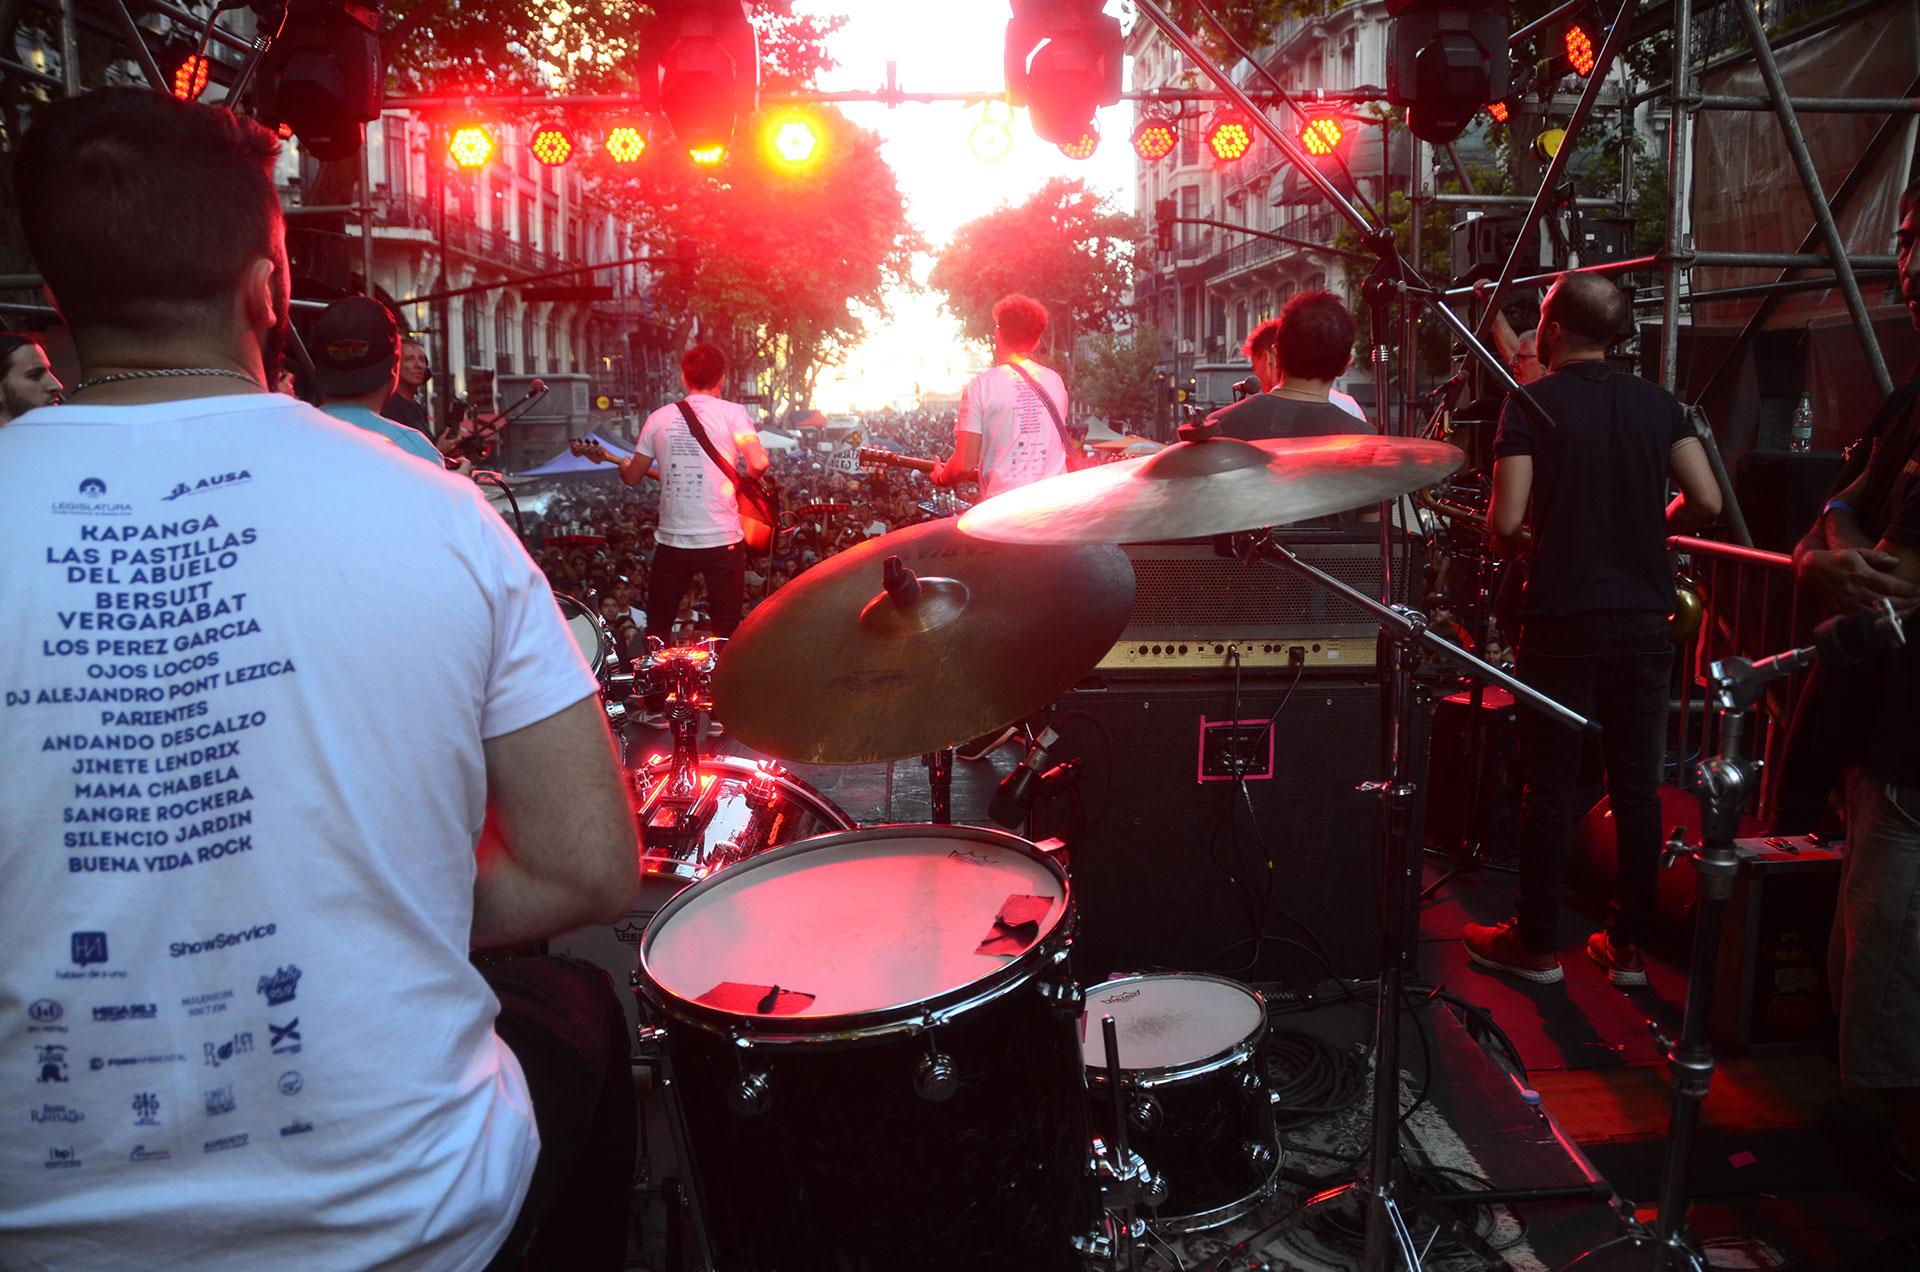 A partir de las 16 hs, tocaron bandas como Buena Vida Rock, Silencio Jardín, Sangre Rockera, Mamá Chabela, Jinete Lendrix, Andando Descalzo, Ojos Locos, Parientes y DJ Alejandro Pont Lezica